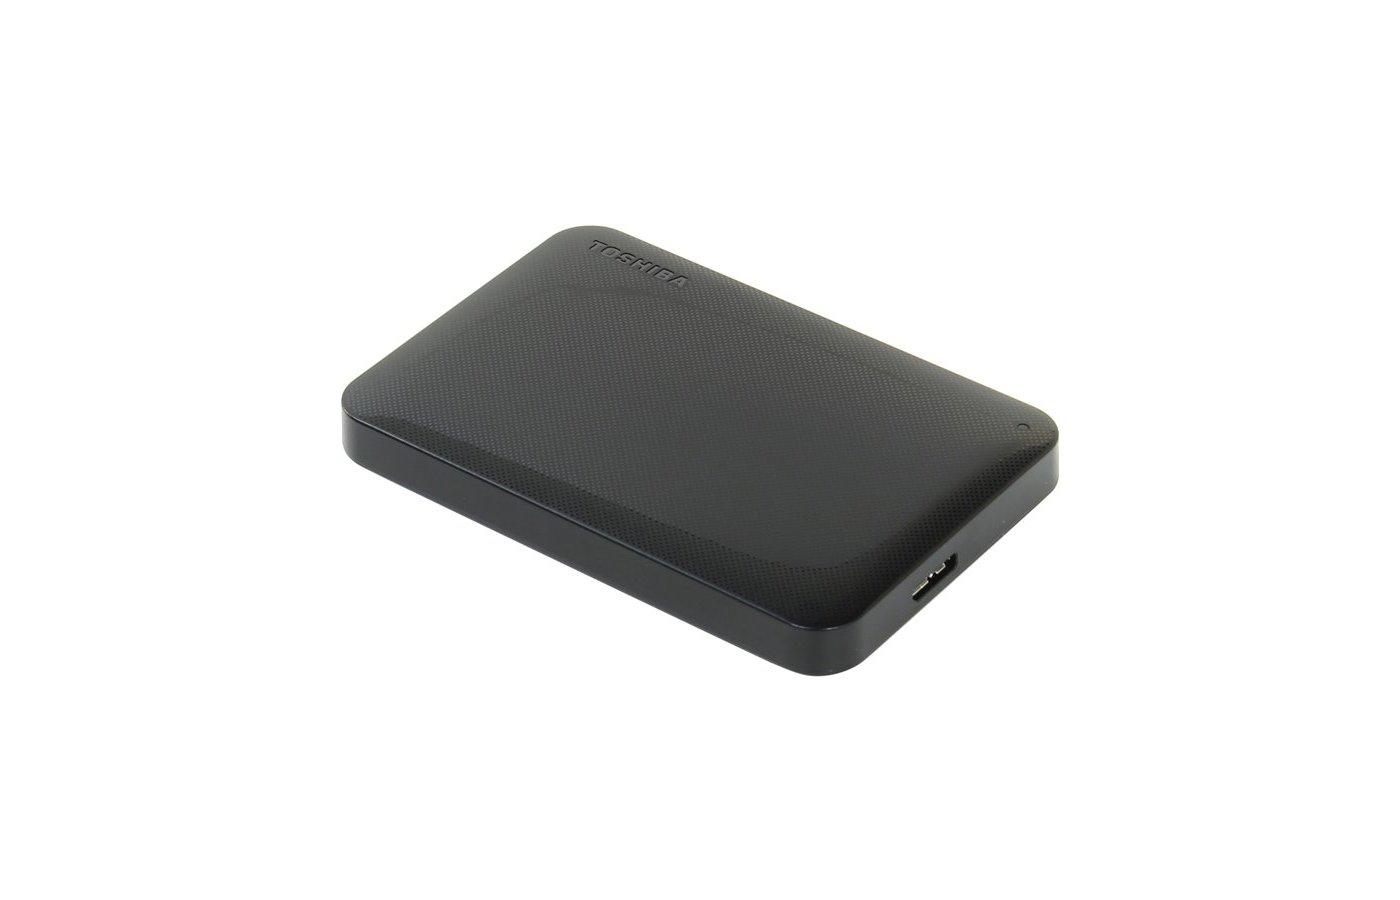 Внешний жесткий диск Toshiba HDTP205EK3AA 500Gb USB 3.0 Canvio Ready 2.5 черный